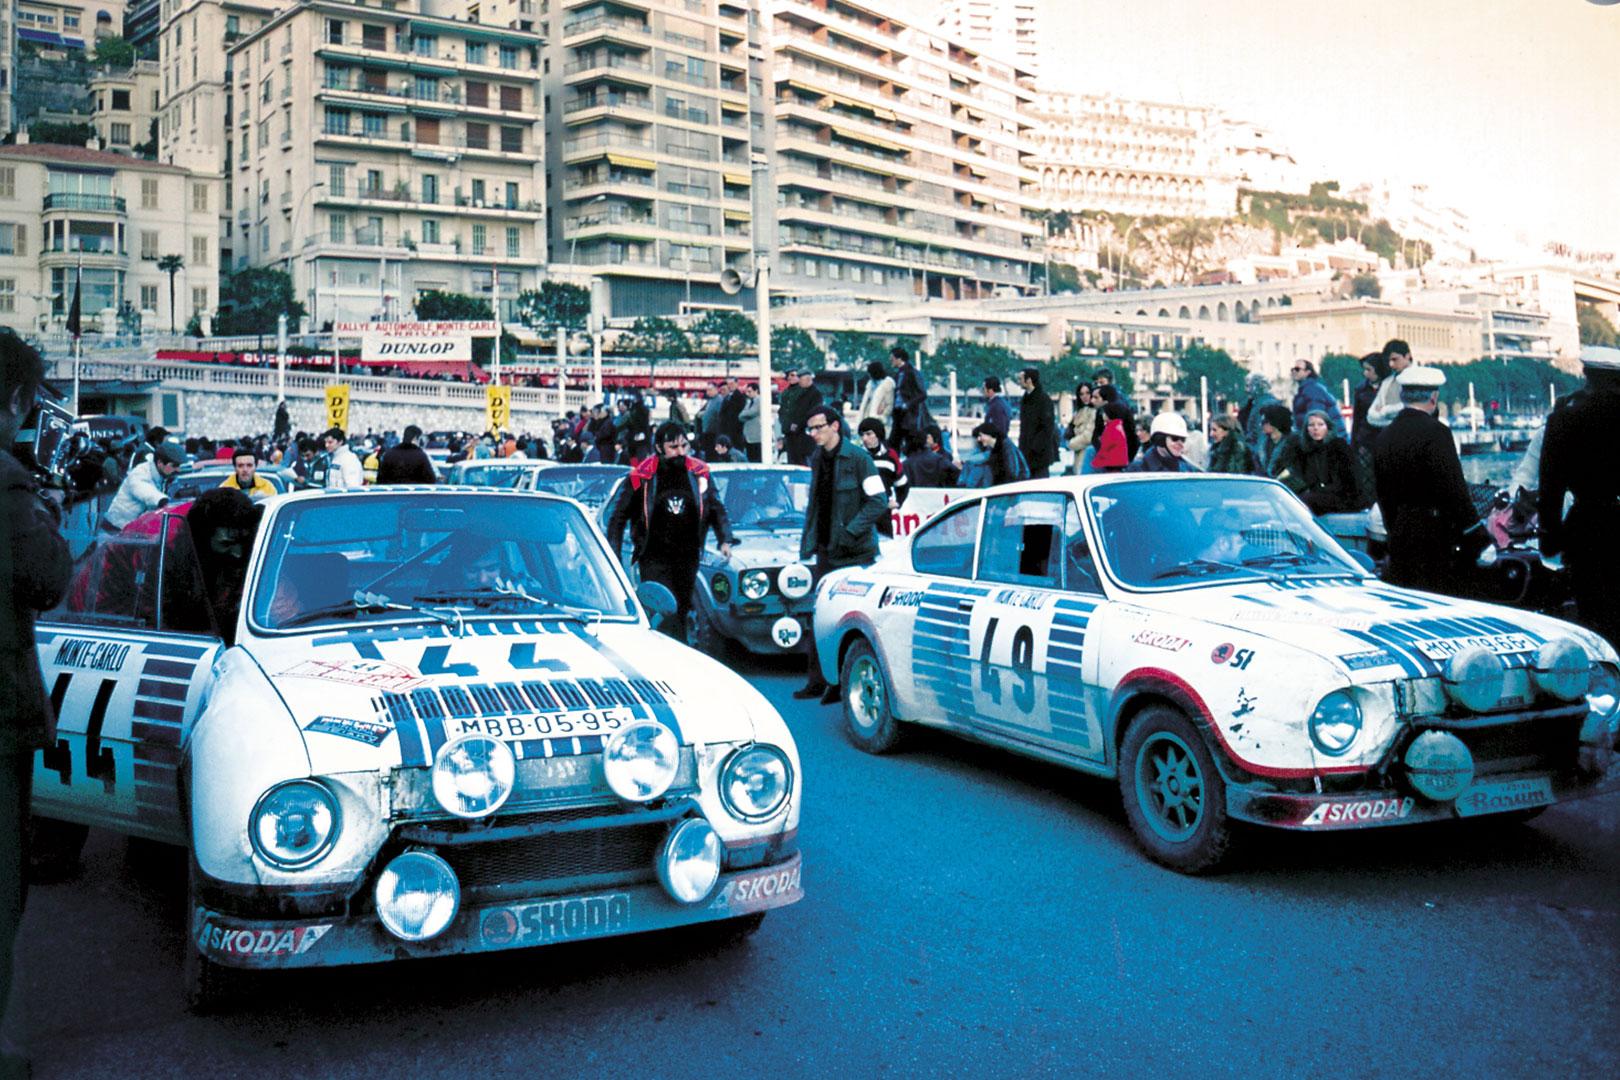 Václav Blahna / Lubislav Hlávka, Miloslav Zapadlo / Jiří Motal, ŠKODA 130 RS. Rallye Monte Carlo 1977